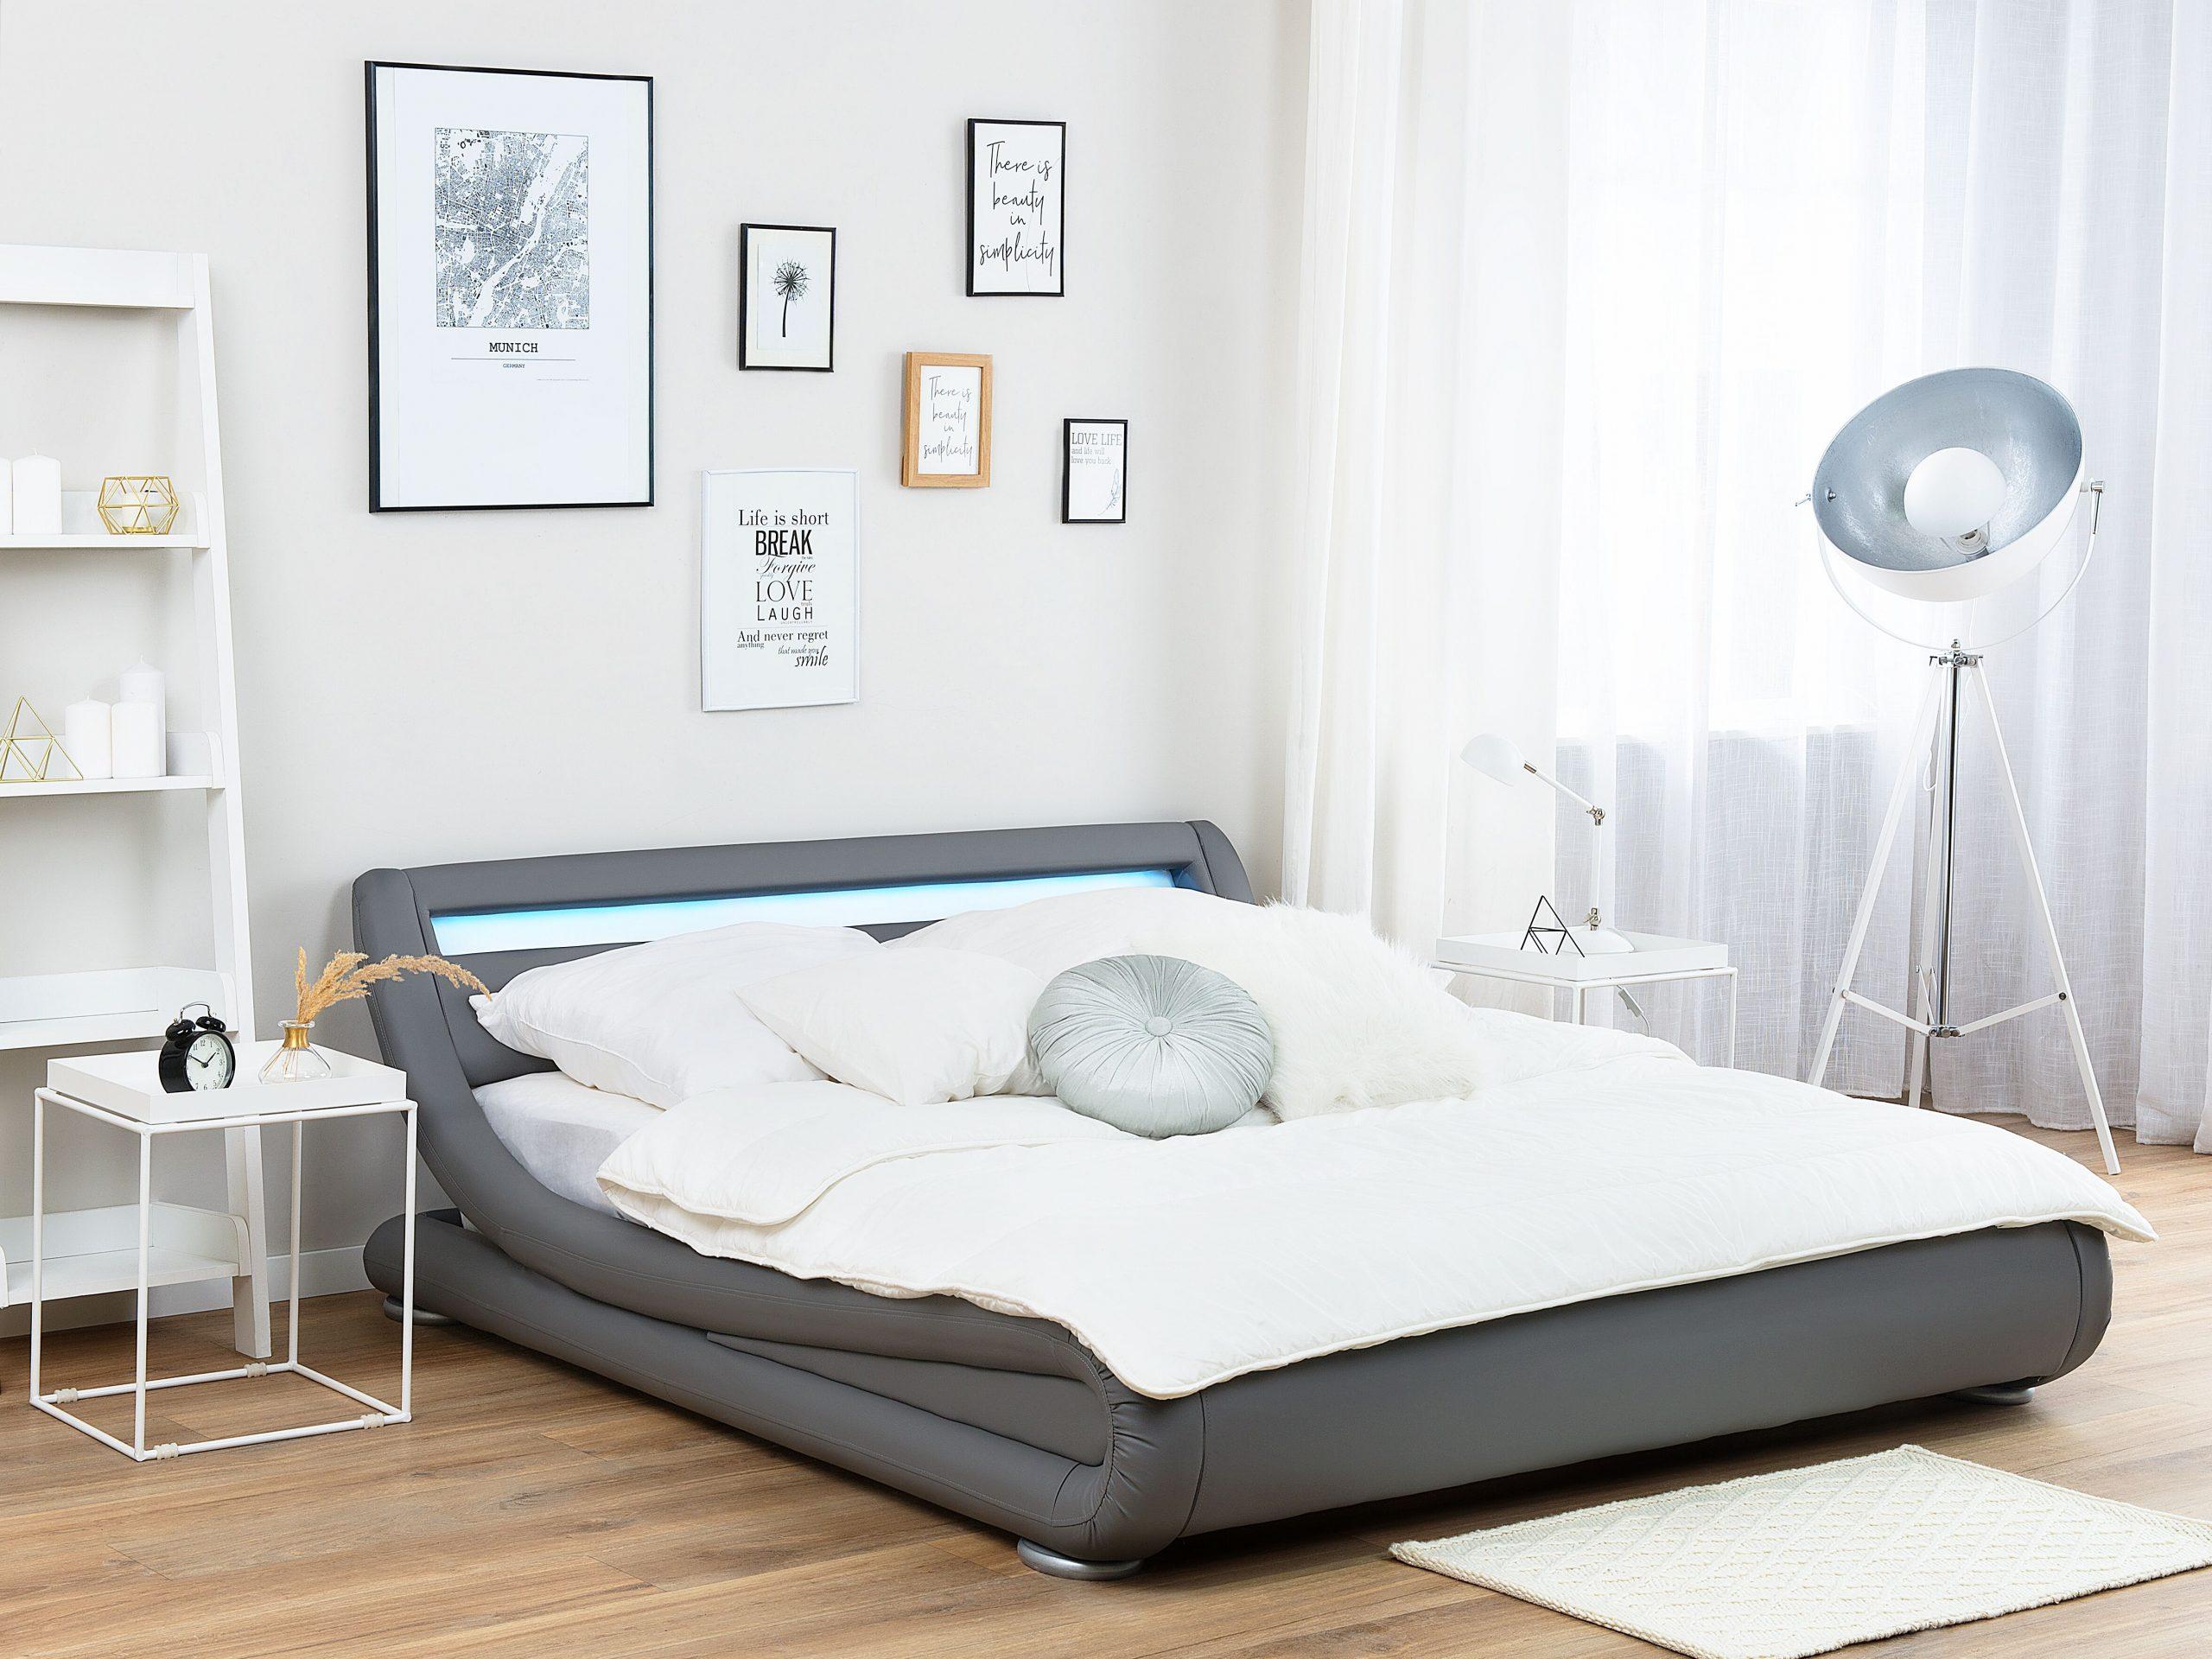 Full Size of Graues Bettlaken 180x200 Bett Kombinieren Wandfarbe 120x200 Ikea 160x200 Passende Waschen Welche Kunstleder Grau 140 200 Cm Mit Led Beleuchtung Avignon Bett Graues Bett